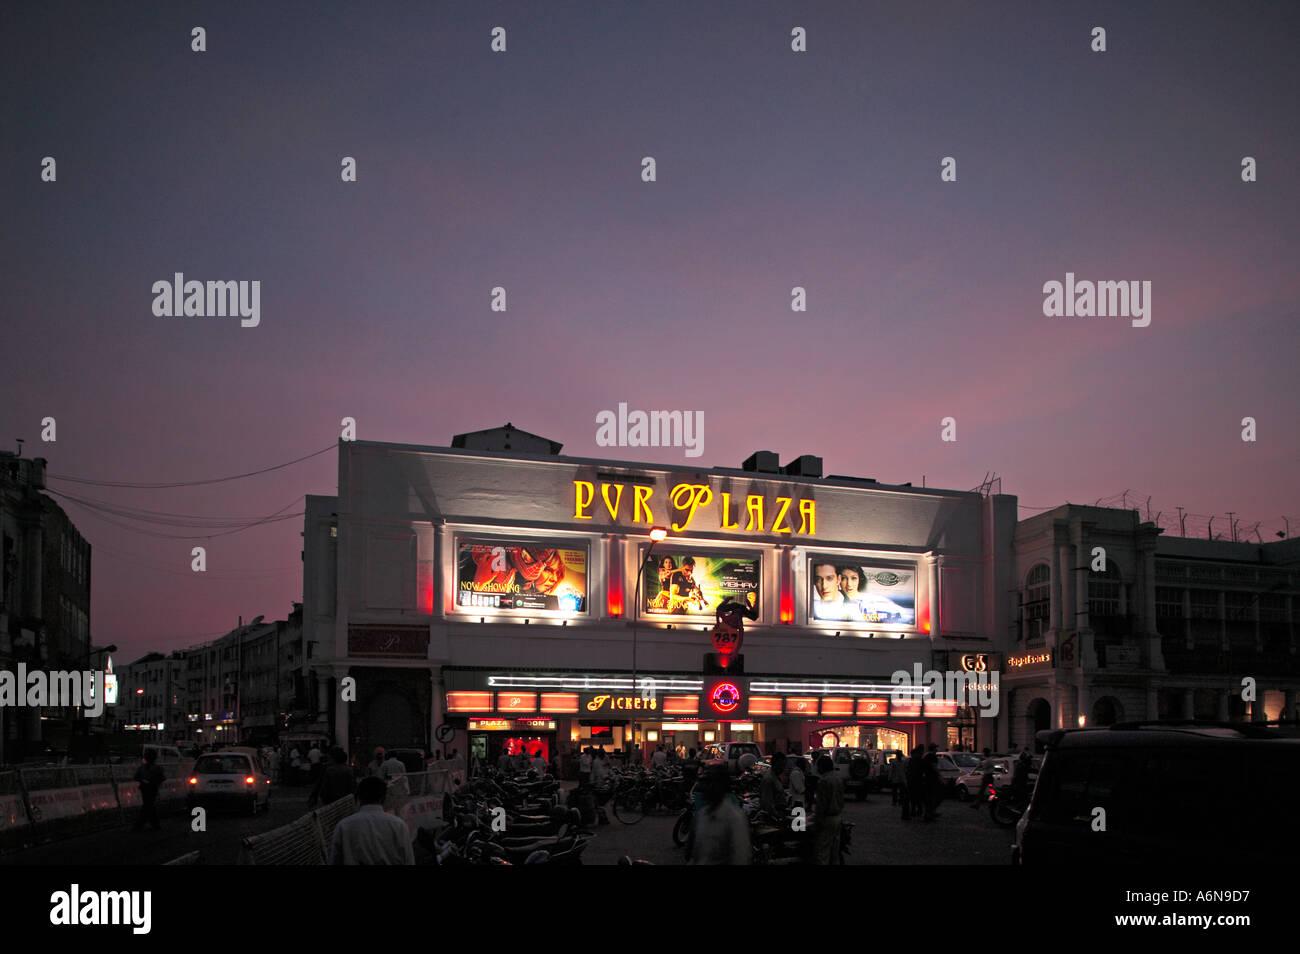 Plaza Cinema Connaught Place New Delhi India Immagini Stock